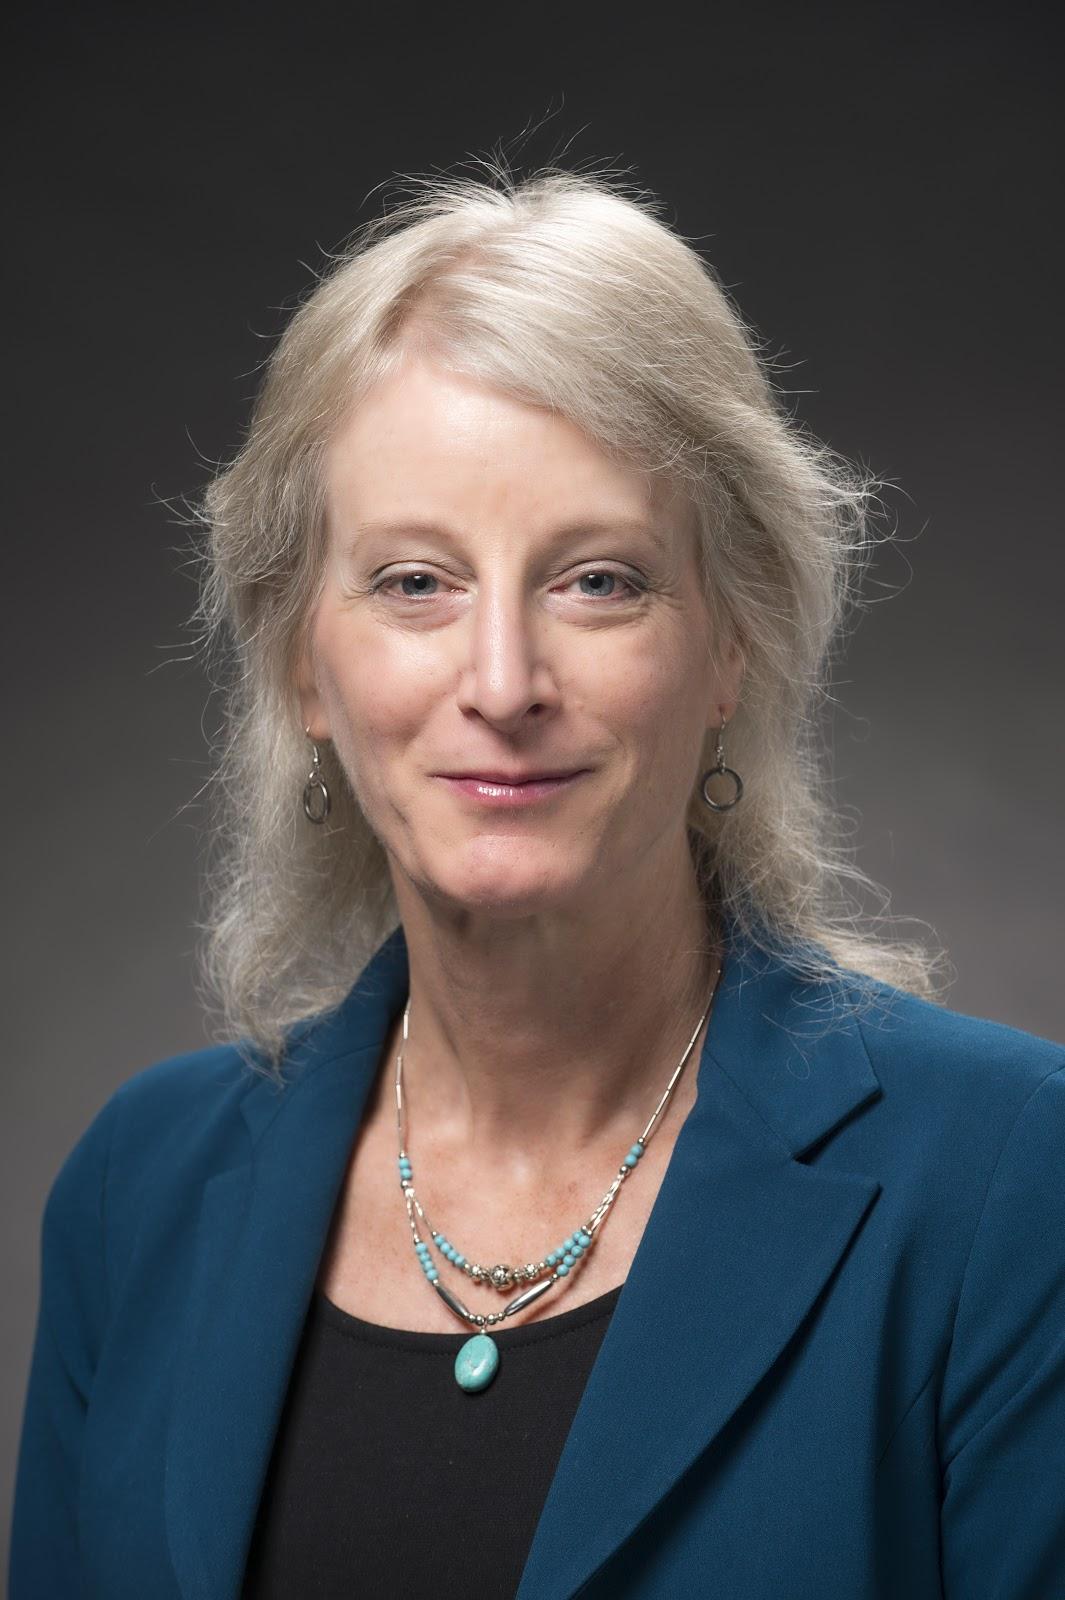 Erica Snider